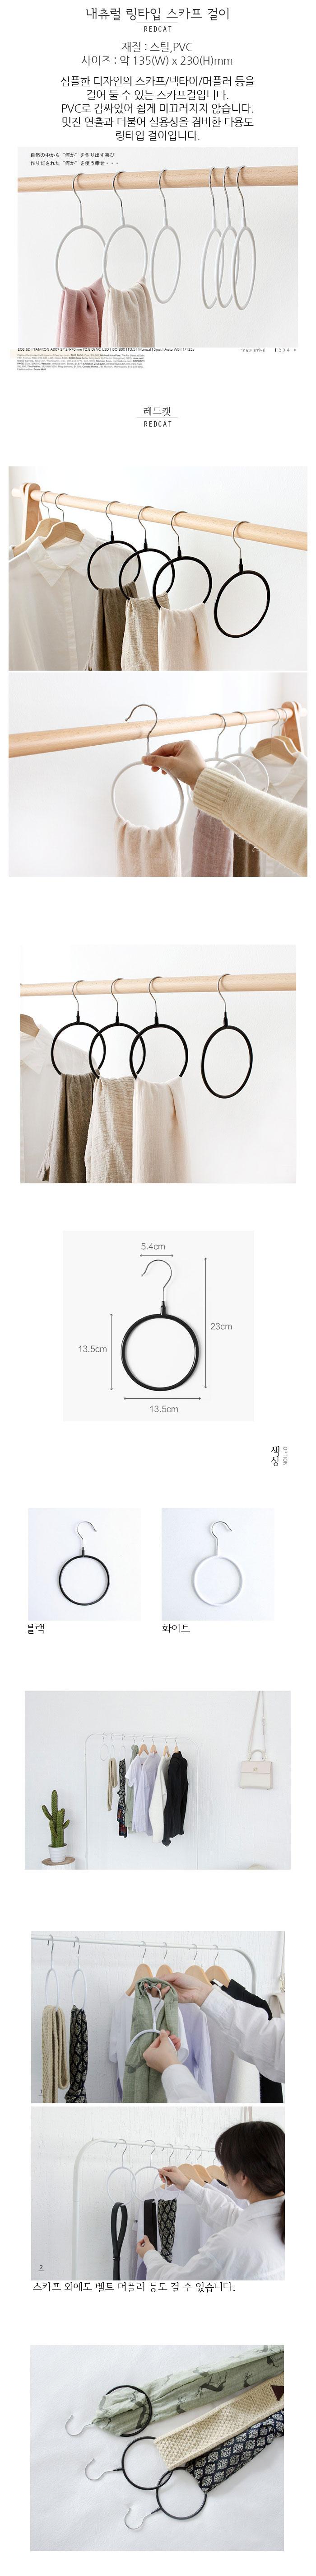 내츄럴 링타입 스카프 걸이 - 네코리빙, 1,280원, 옷걸이, 잡화용/후크 걸이